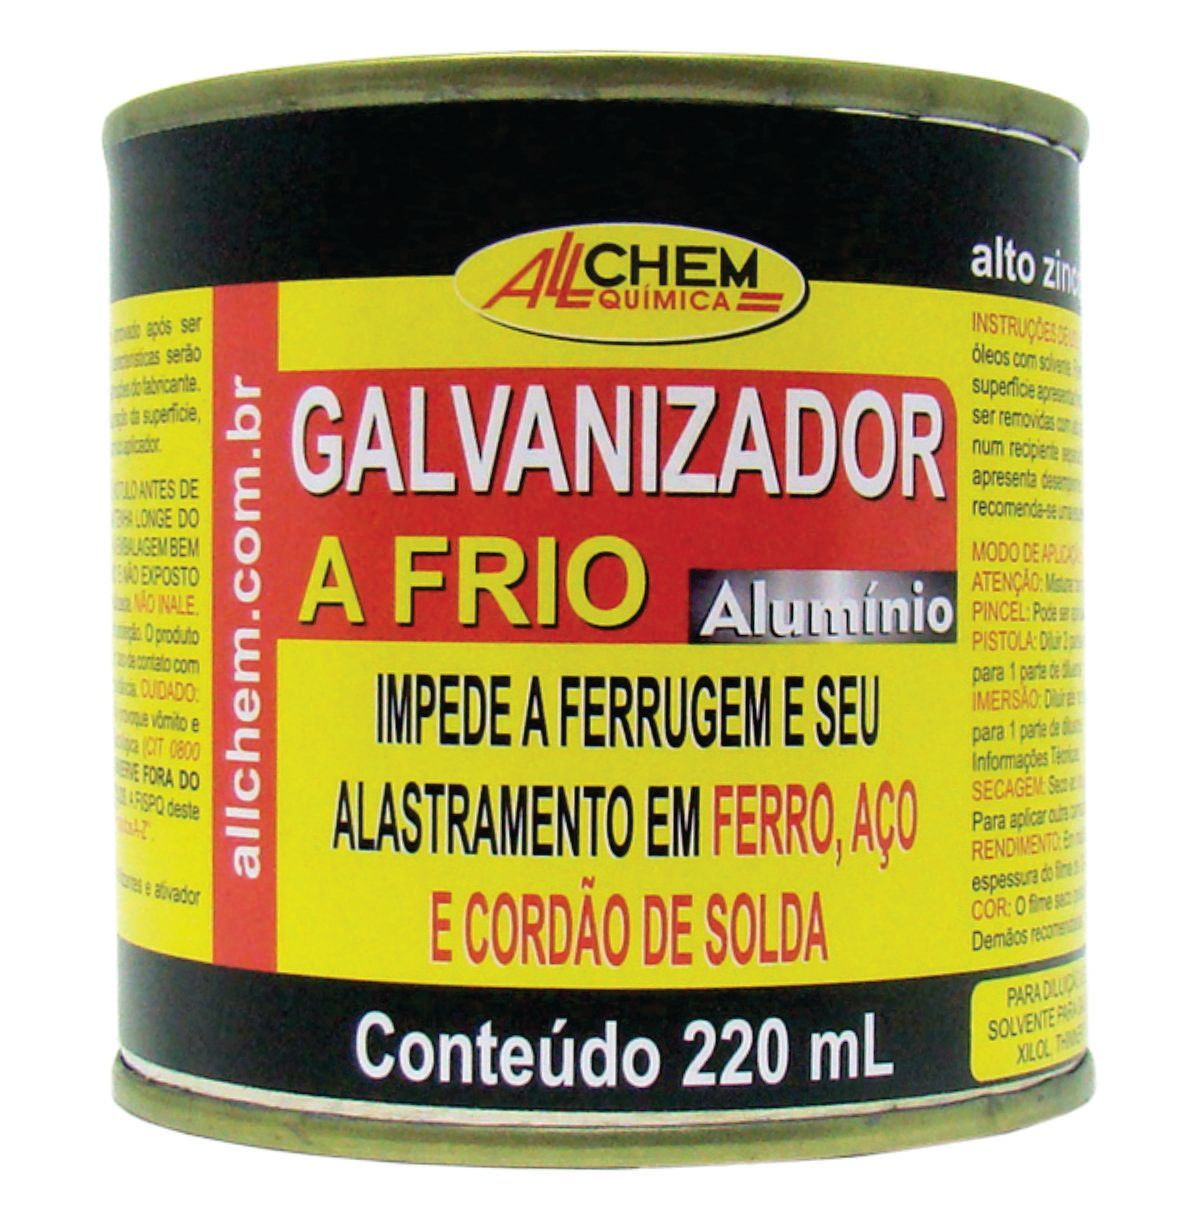 galvanizador-a-frio-aluminio-allchem